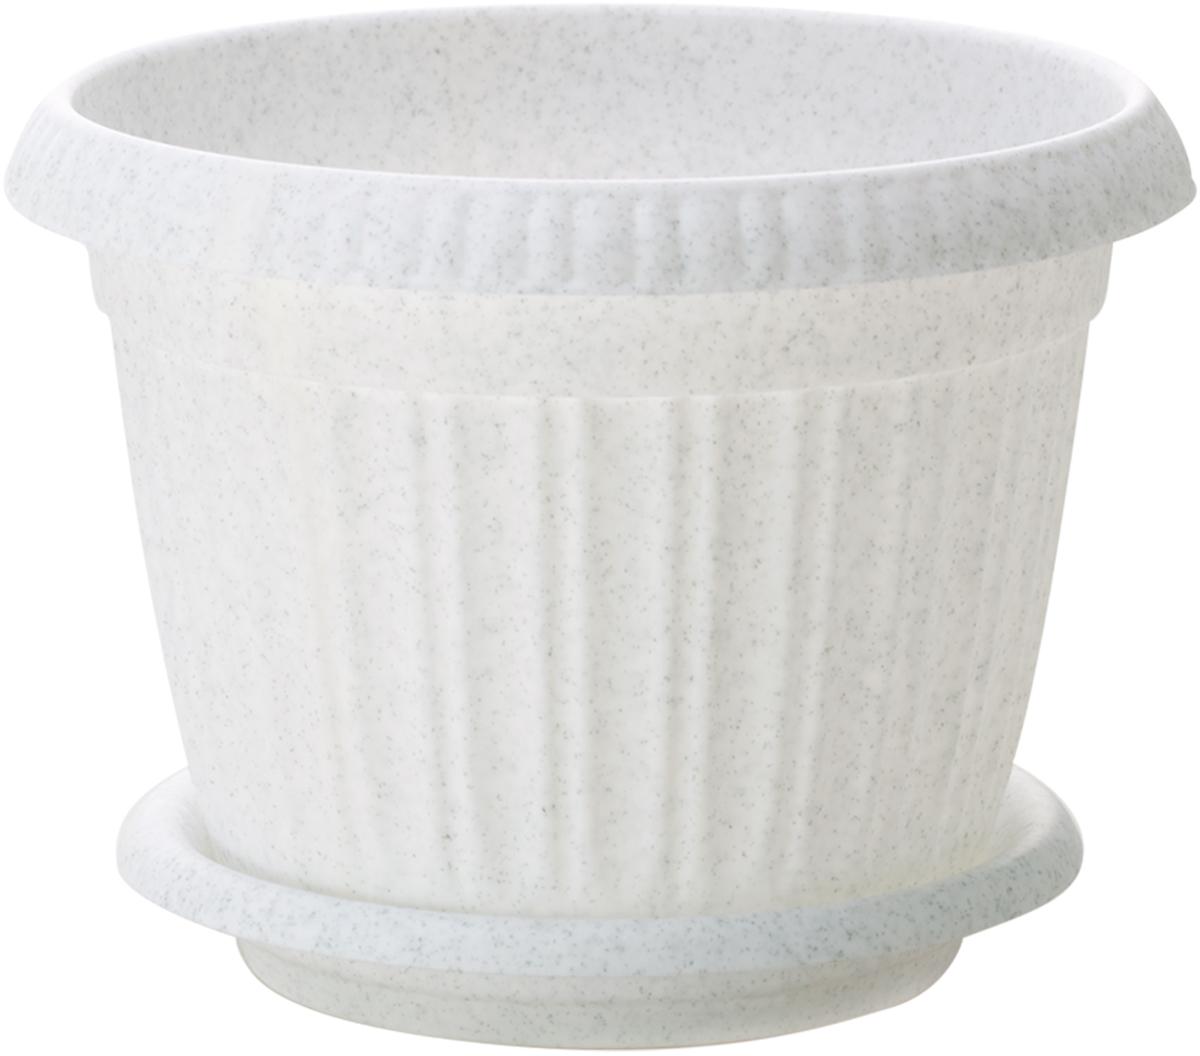 Горшок для цветов InGreen Таити, с подставкой, цвет: мраморный, диаметр 20 смING41020FМРЛюбой, даже самый современный и продуманный интерьер будет не завершённым без растений. Они не только очищают воздух и насыщают его кислородом, но и заметно украшают окружающее пространство. Такому полезному &laquo члену семьи&raquoпросто необходимо красивое и функциональное кашпо, оригинальный горшок или необычная ваза! Мы предлагаем - Горшок для цветов с поддоном d=20 см Таити, цвет мраморный !Оптимальный выбор материала &mdash &nbsp пластмасса! Почему мы так считаем? Малый вес. С лёгкостью переносите горшки и кашпо с места на место, ставьте их на столики или полки, подвешивайте под потолок, не беспокоясь о нагрузке. Простота ухода. Пластиковые изделия не нуждаются в специальных условиях хранения. Их&nbsp легко чистить &mdashдостаточно просто сполоснуть тёплой водой. Никаких царапин. Пластиковые кашпо не царапают и не загрязняют поверхности, на которых стоят. Пластик дольше хранит влагу, а значит &mdashрастение реже нуждается в поливе. Пластмасса не пропускает воздух &mdashкорневой системе растения не грозят резкие перепады температур. Огромный выбор форм, декора и расцветок &mdashвы без труда подберёте что-то, что идеально впишется в уже существующий интерьер.Соблюдая нехитрые правила ухода, вы можете заметно продлить срок службы горшков, вазонов и кашпо из пластика: всегда учитывайте размер кроны и корневой системы растения (при разрастании большое растение способно повредить маленький горшок)берегите изделие от воздействия прямых солнечных лучей, чтобы кашпо и горшки не выцветалидержите кашпо и горшки из пластика подальше от нагревающихся поверхностей.Создавайте прекрасные цветочные композиции, выращивайте рассаду или необычные растения, а низкие цены позволят вам не ограничивать себя в выборе.